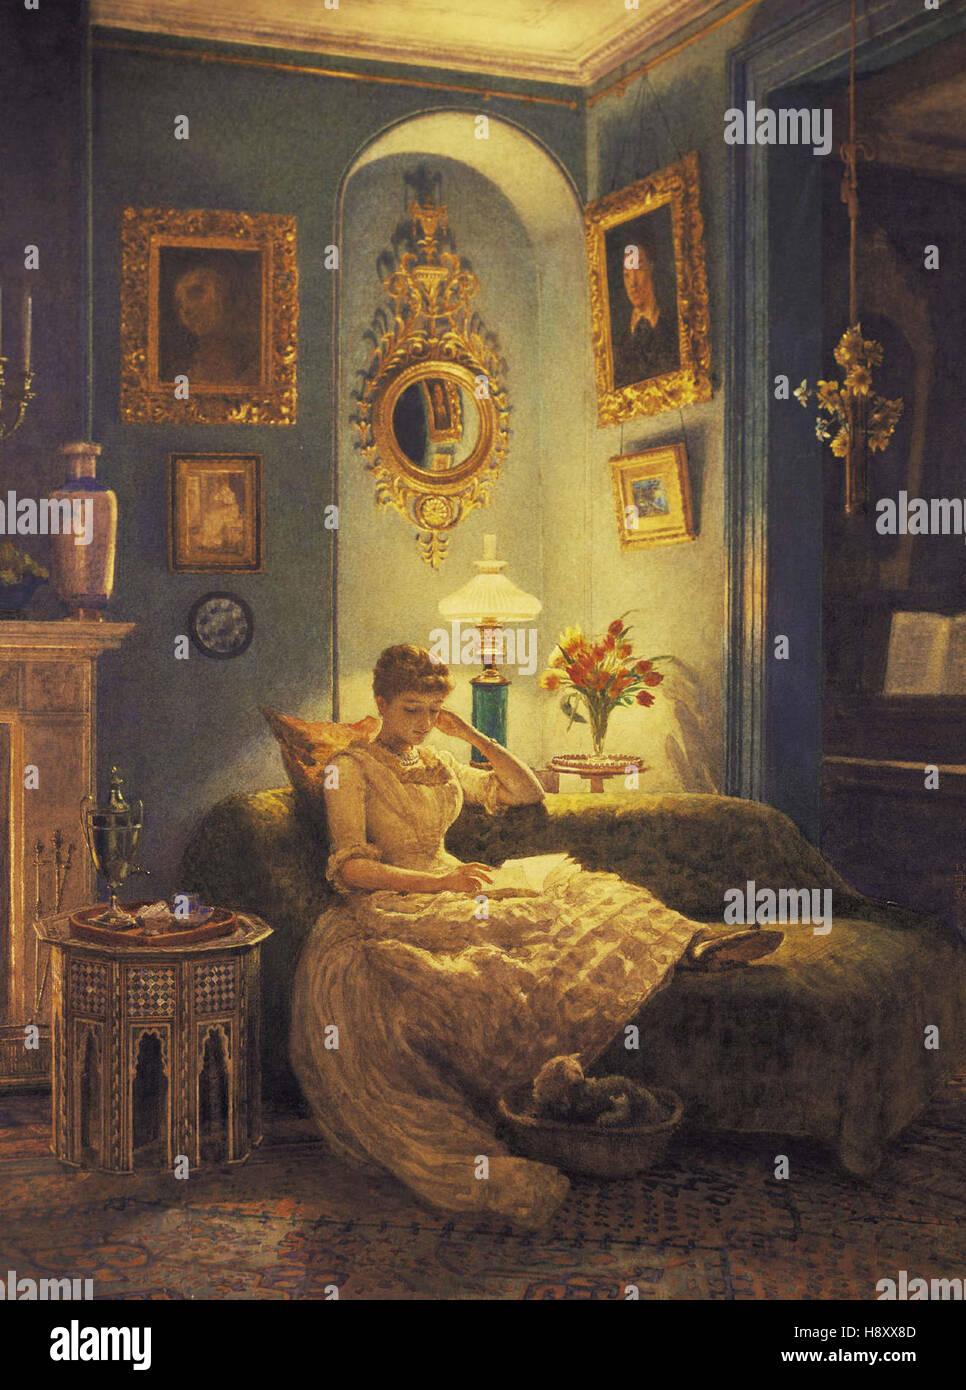 Sir Edward John Poynter  An Evening At Home - Stock Image